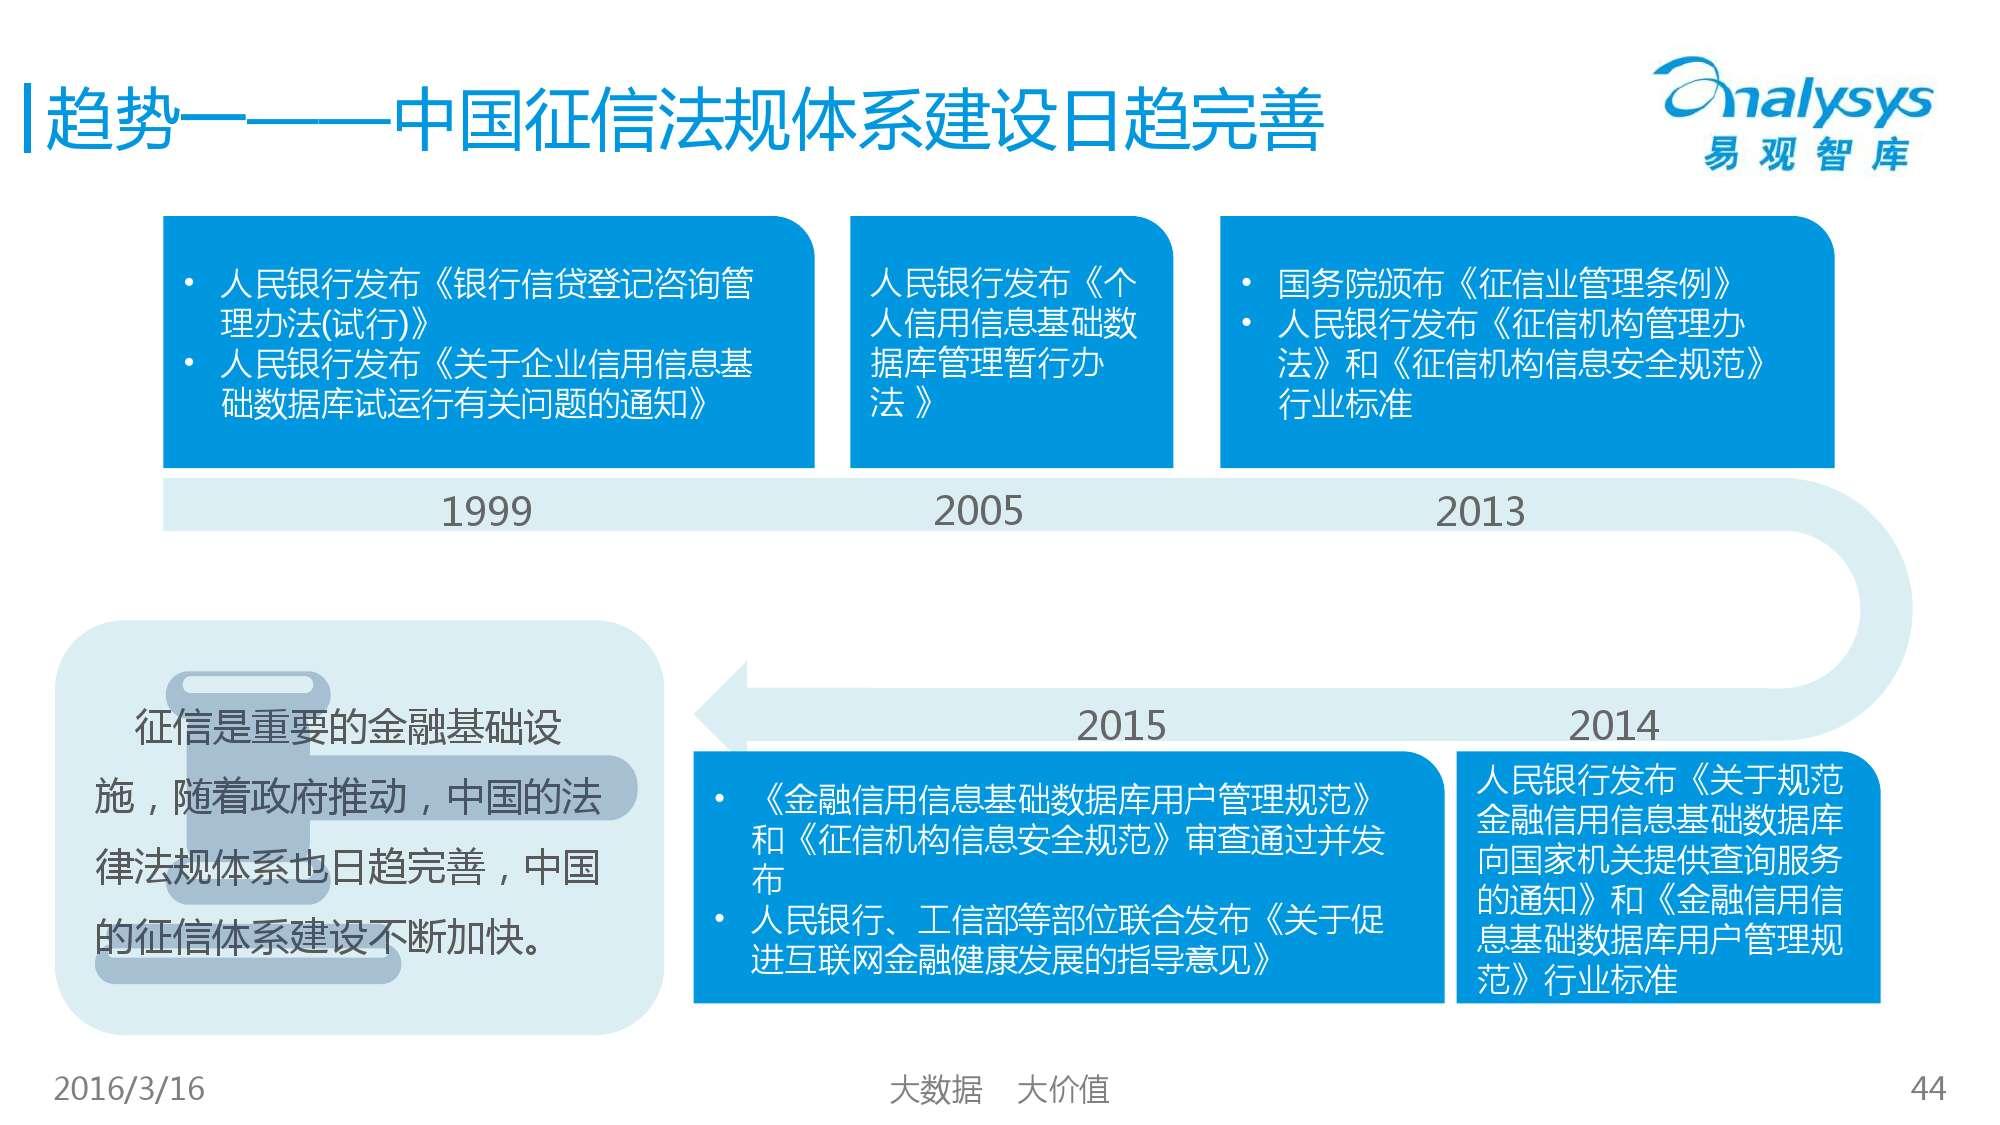 中国征信行业专题研究报告2016_000044